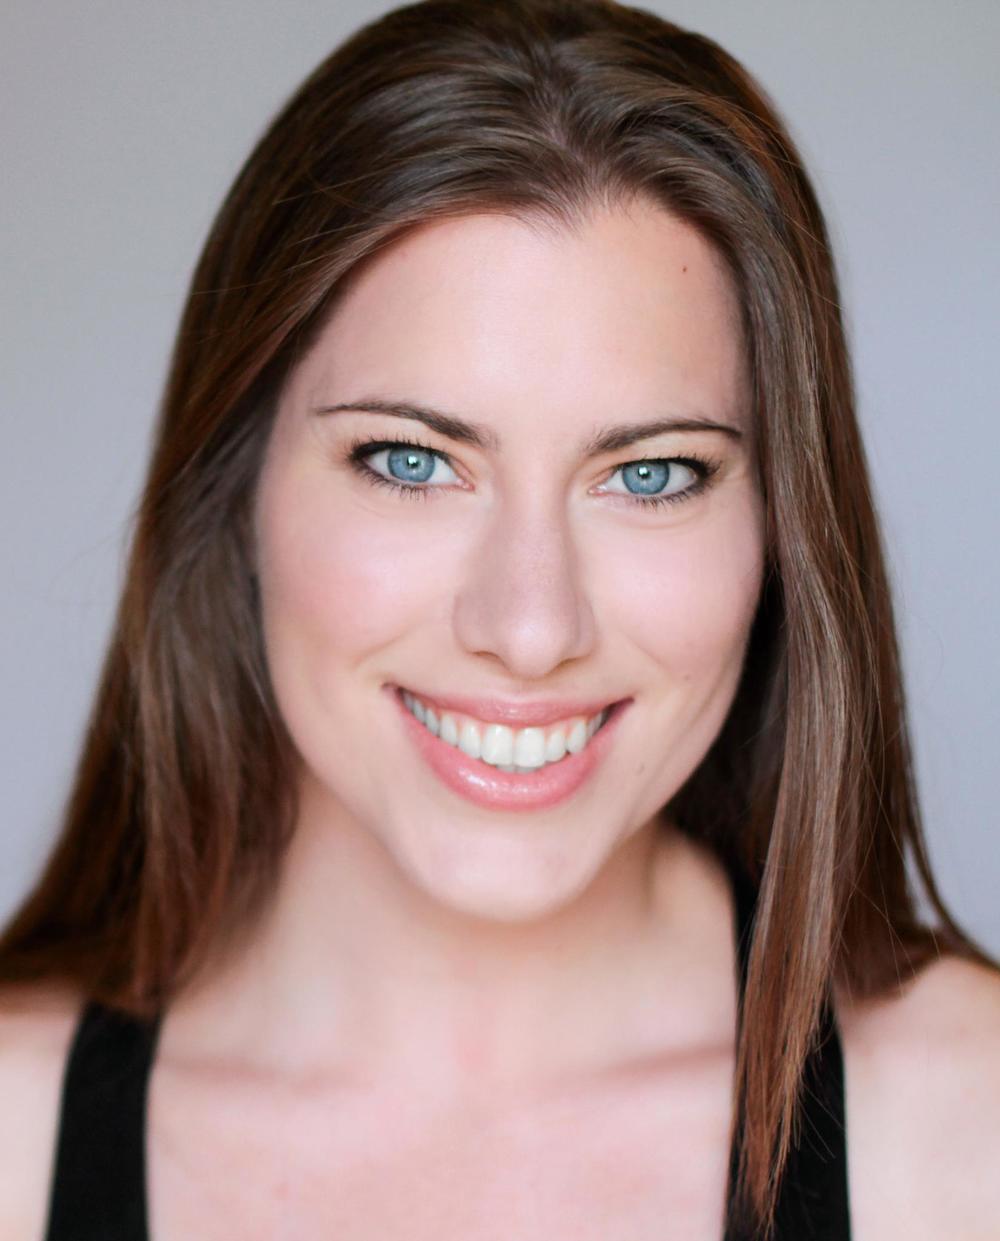 Claire - Kim Carson